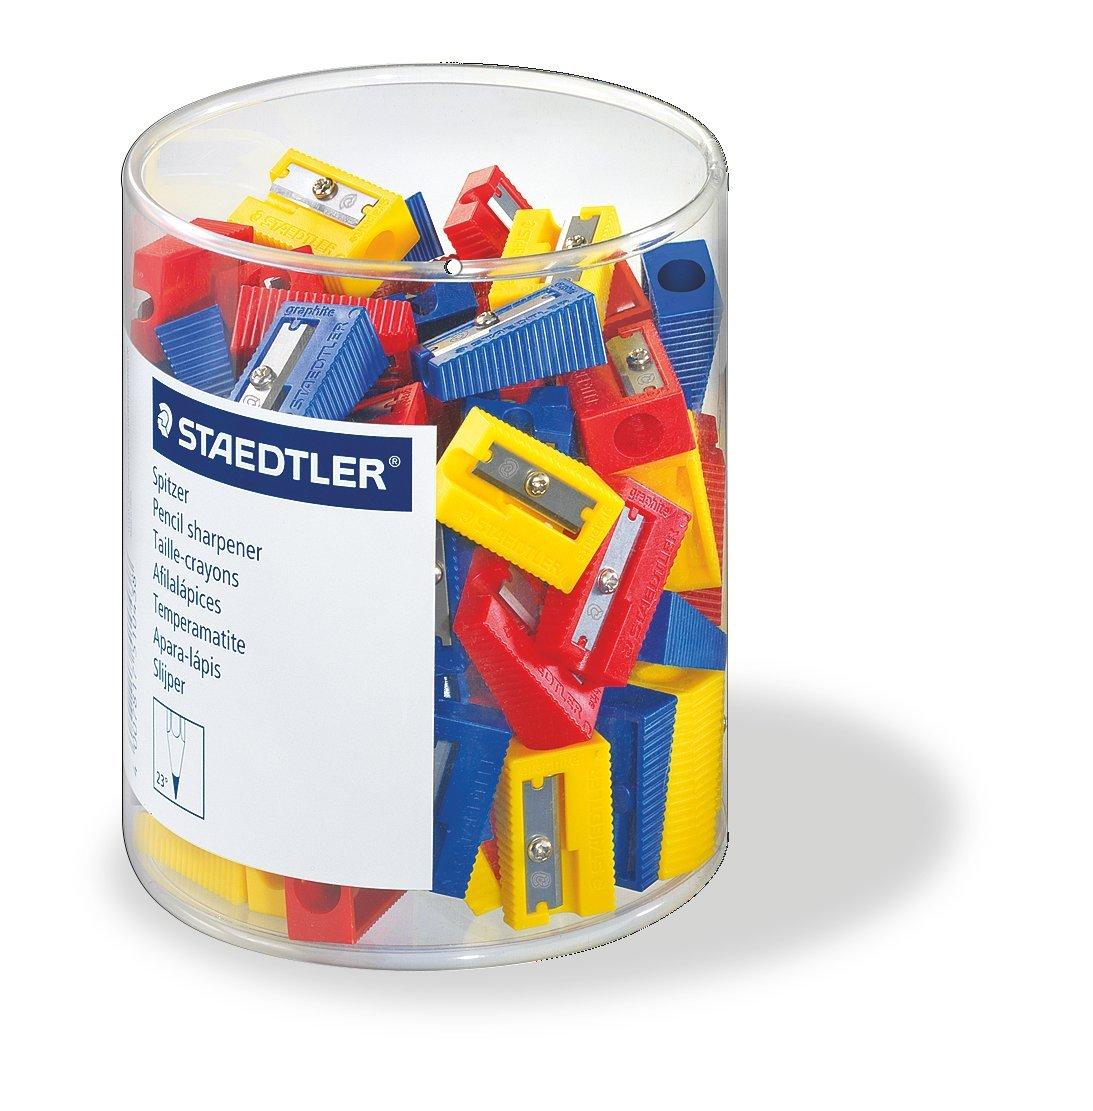 Staedtler 51050KP100 Spitzer f/ür Bleistifte farblich sortiert 100 St/ück in K/öcherverpackung